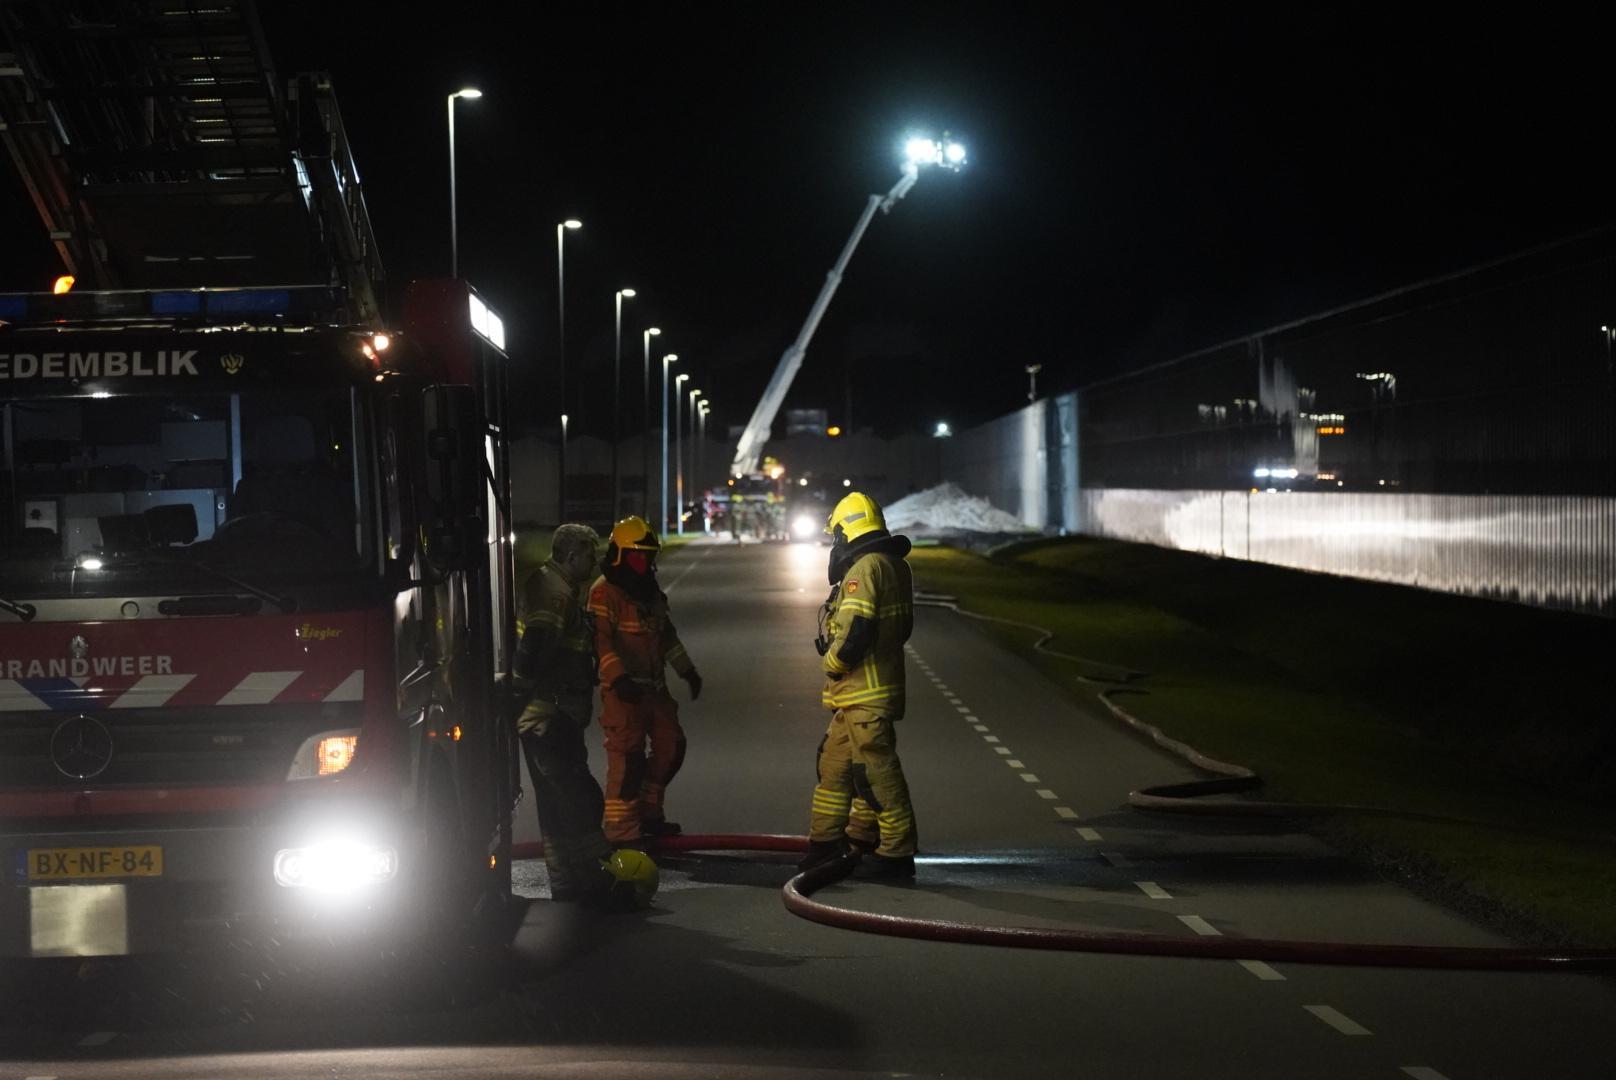 Buitenbrand bij groot kassencomplex in Middenmeer